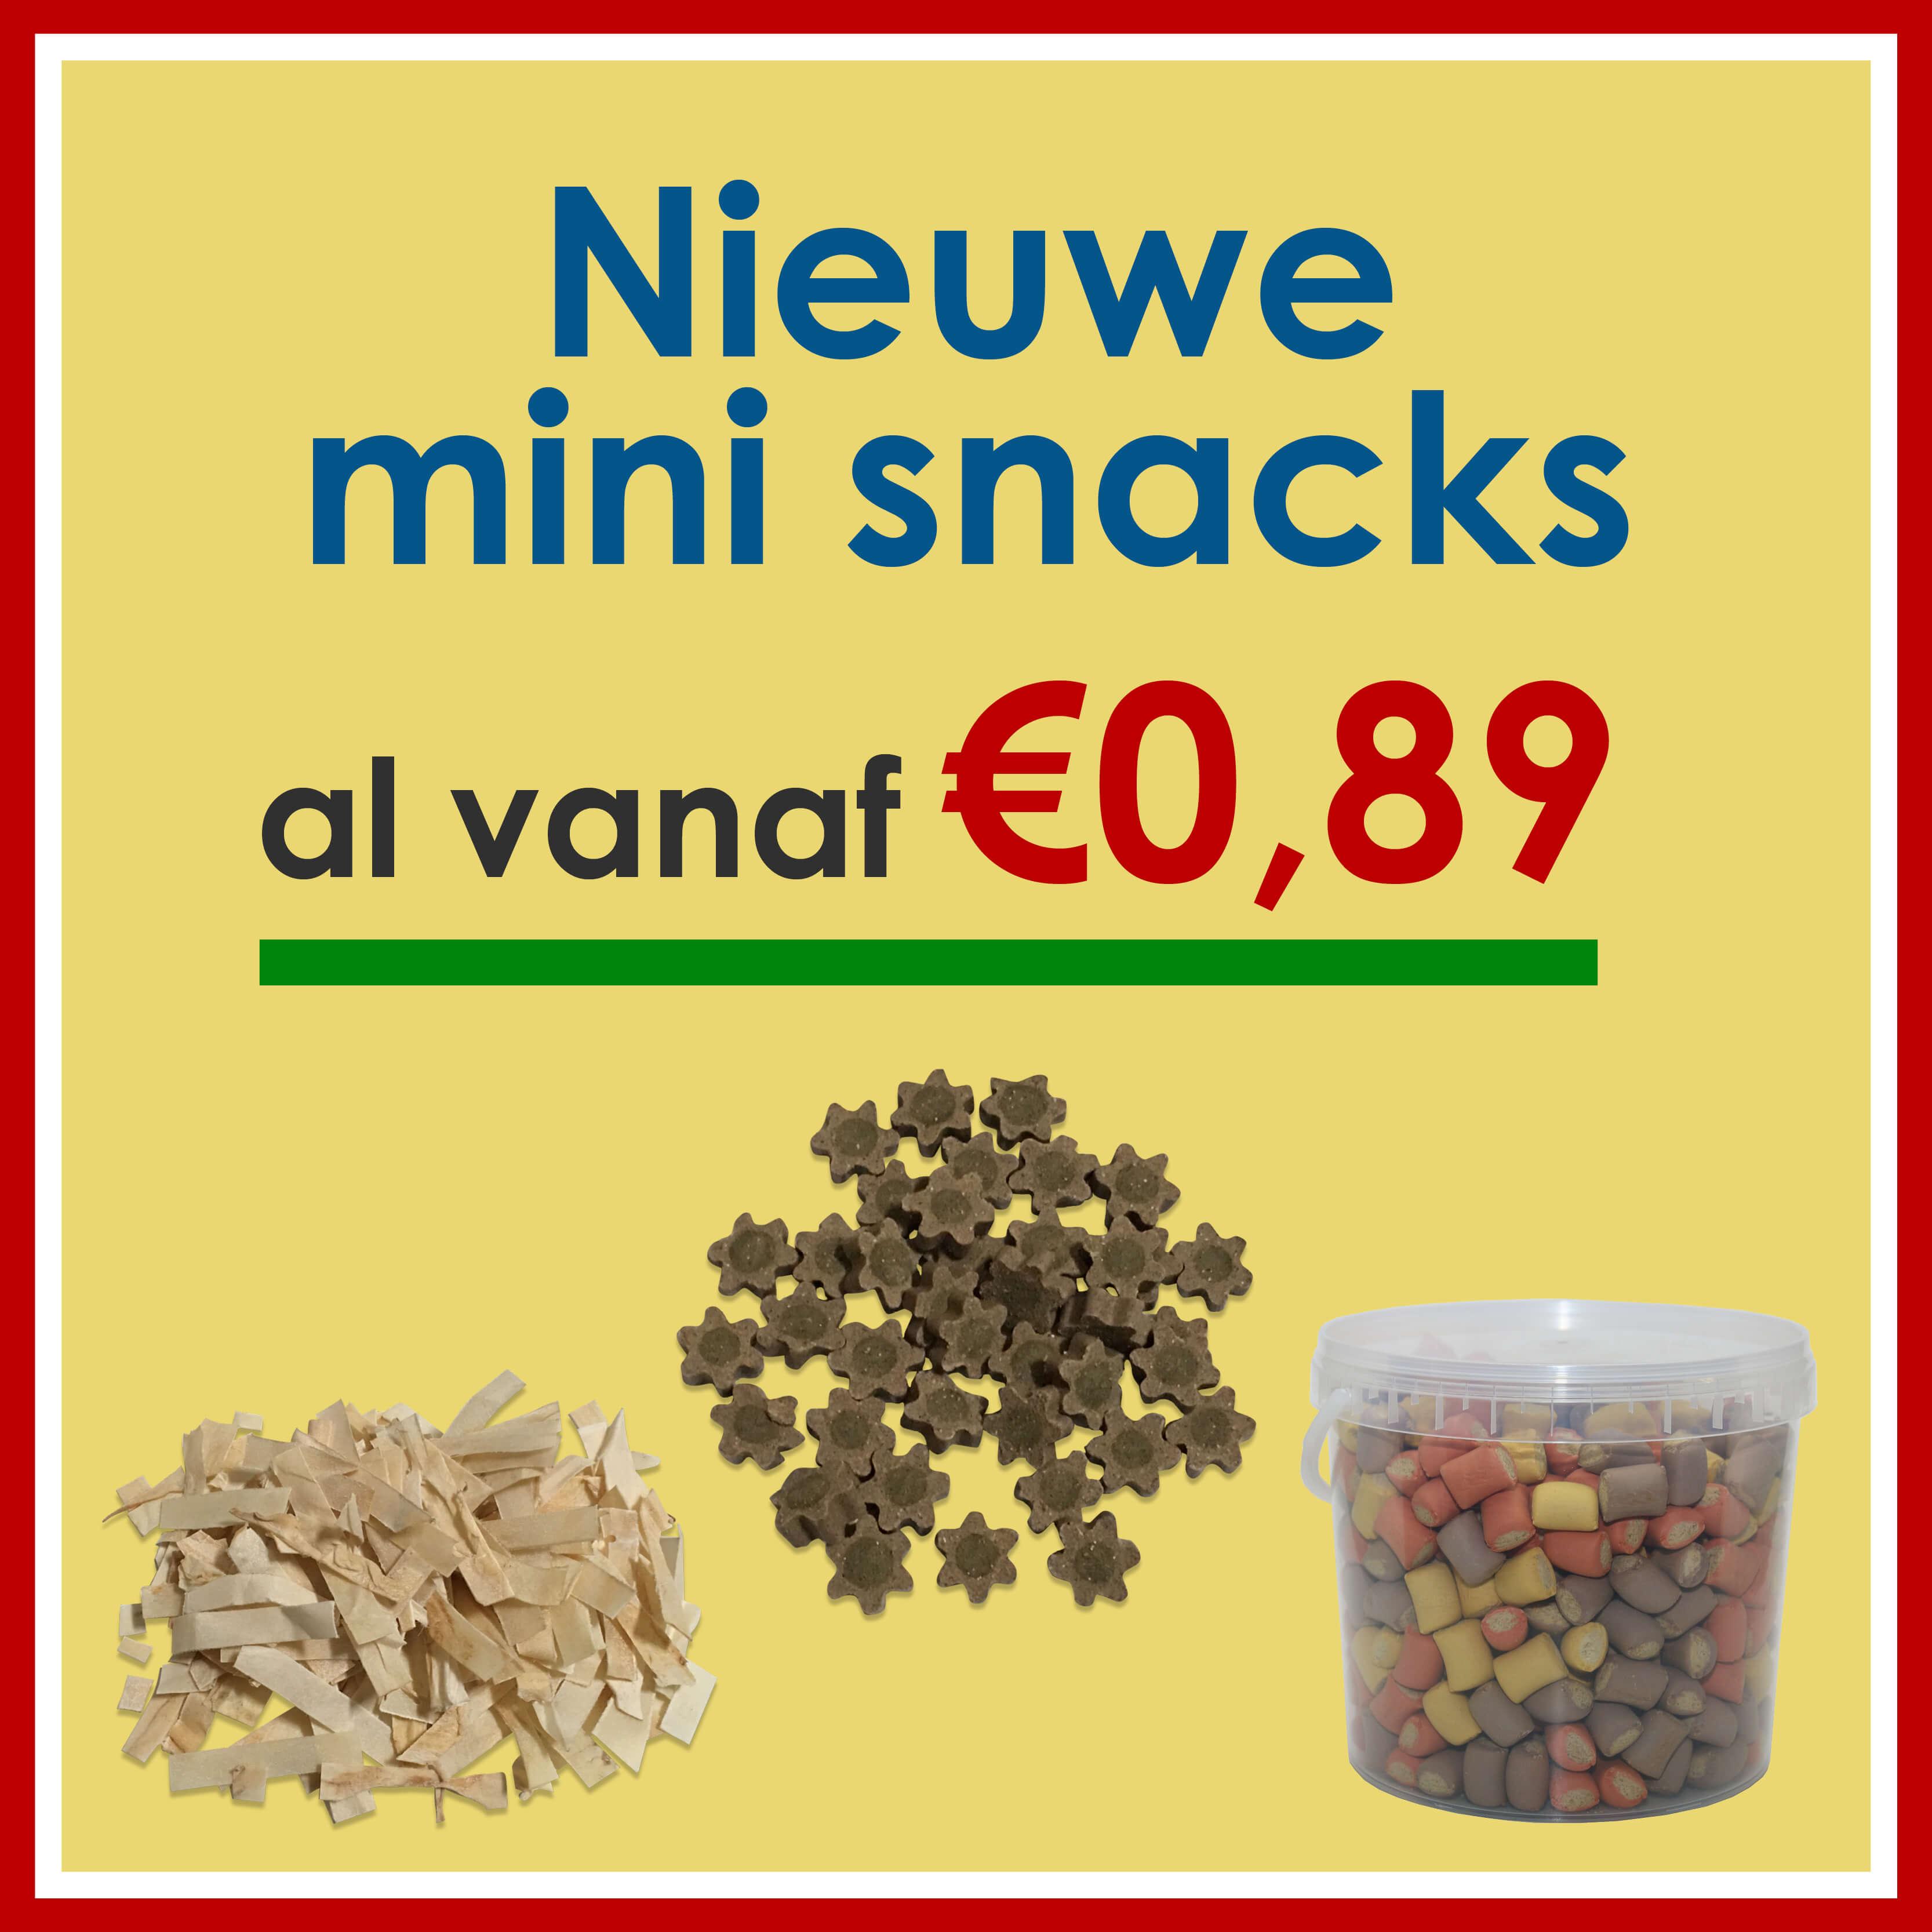 Mini snacks!